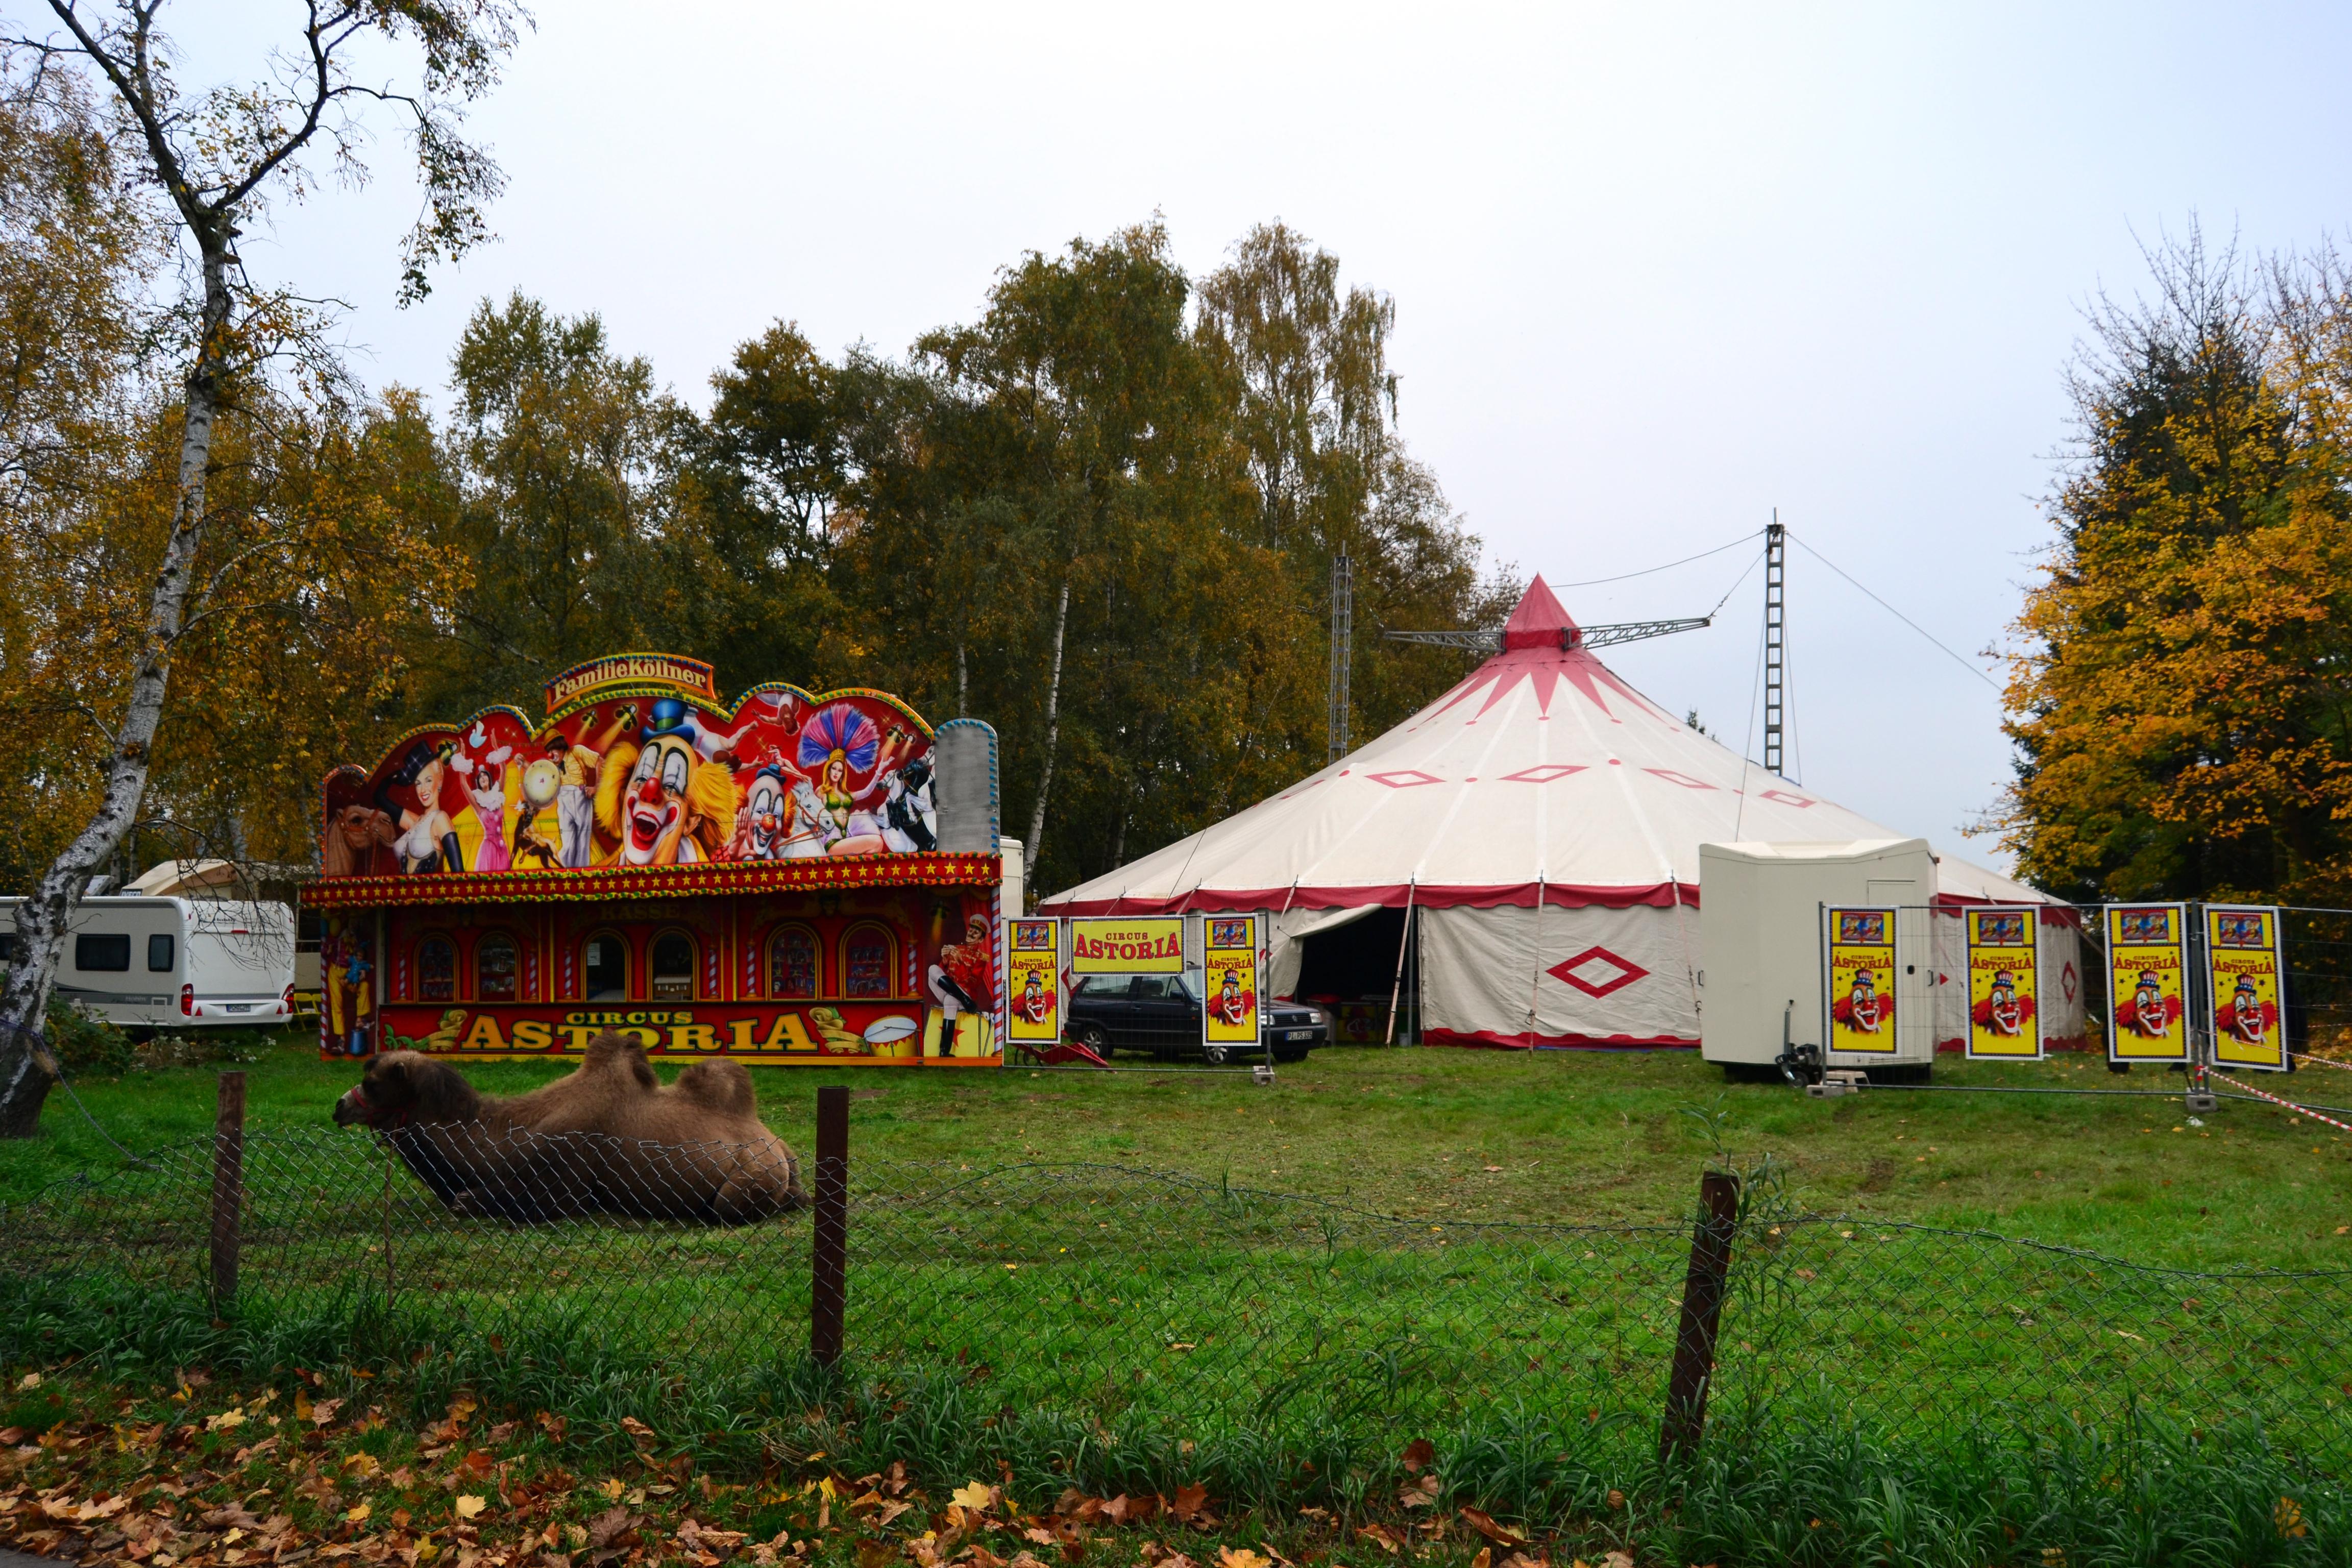 Zirkus Astoria